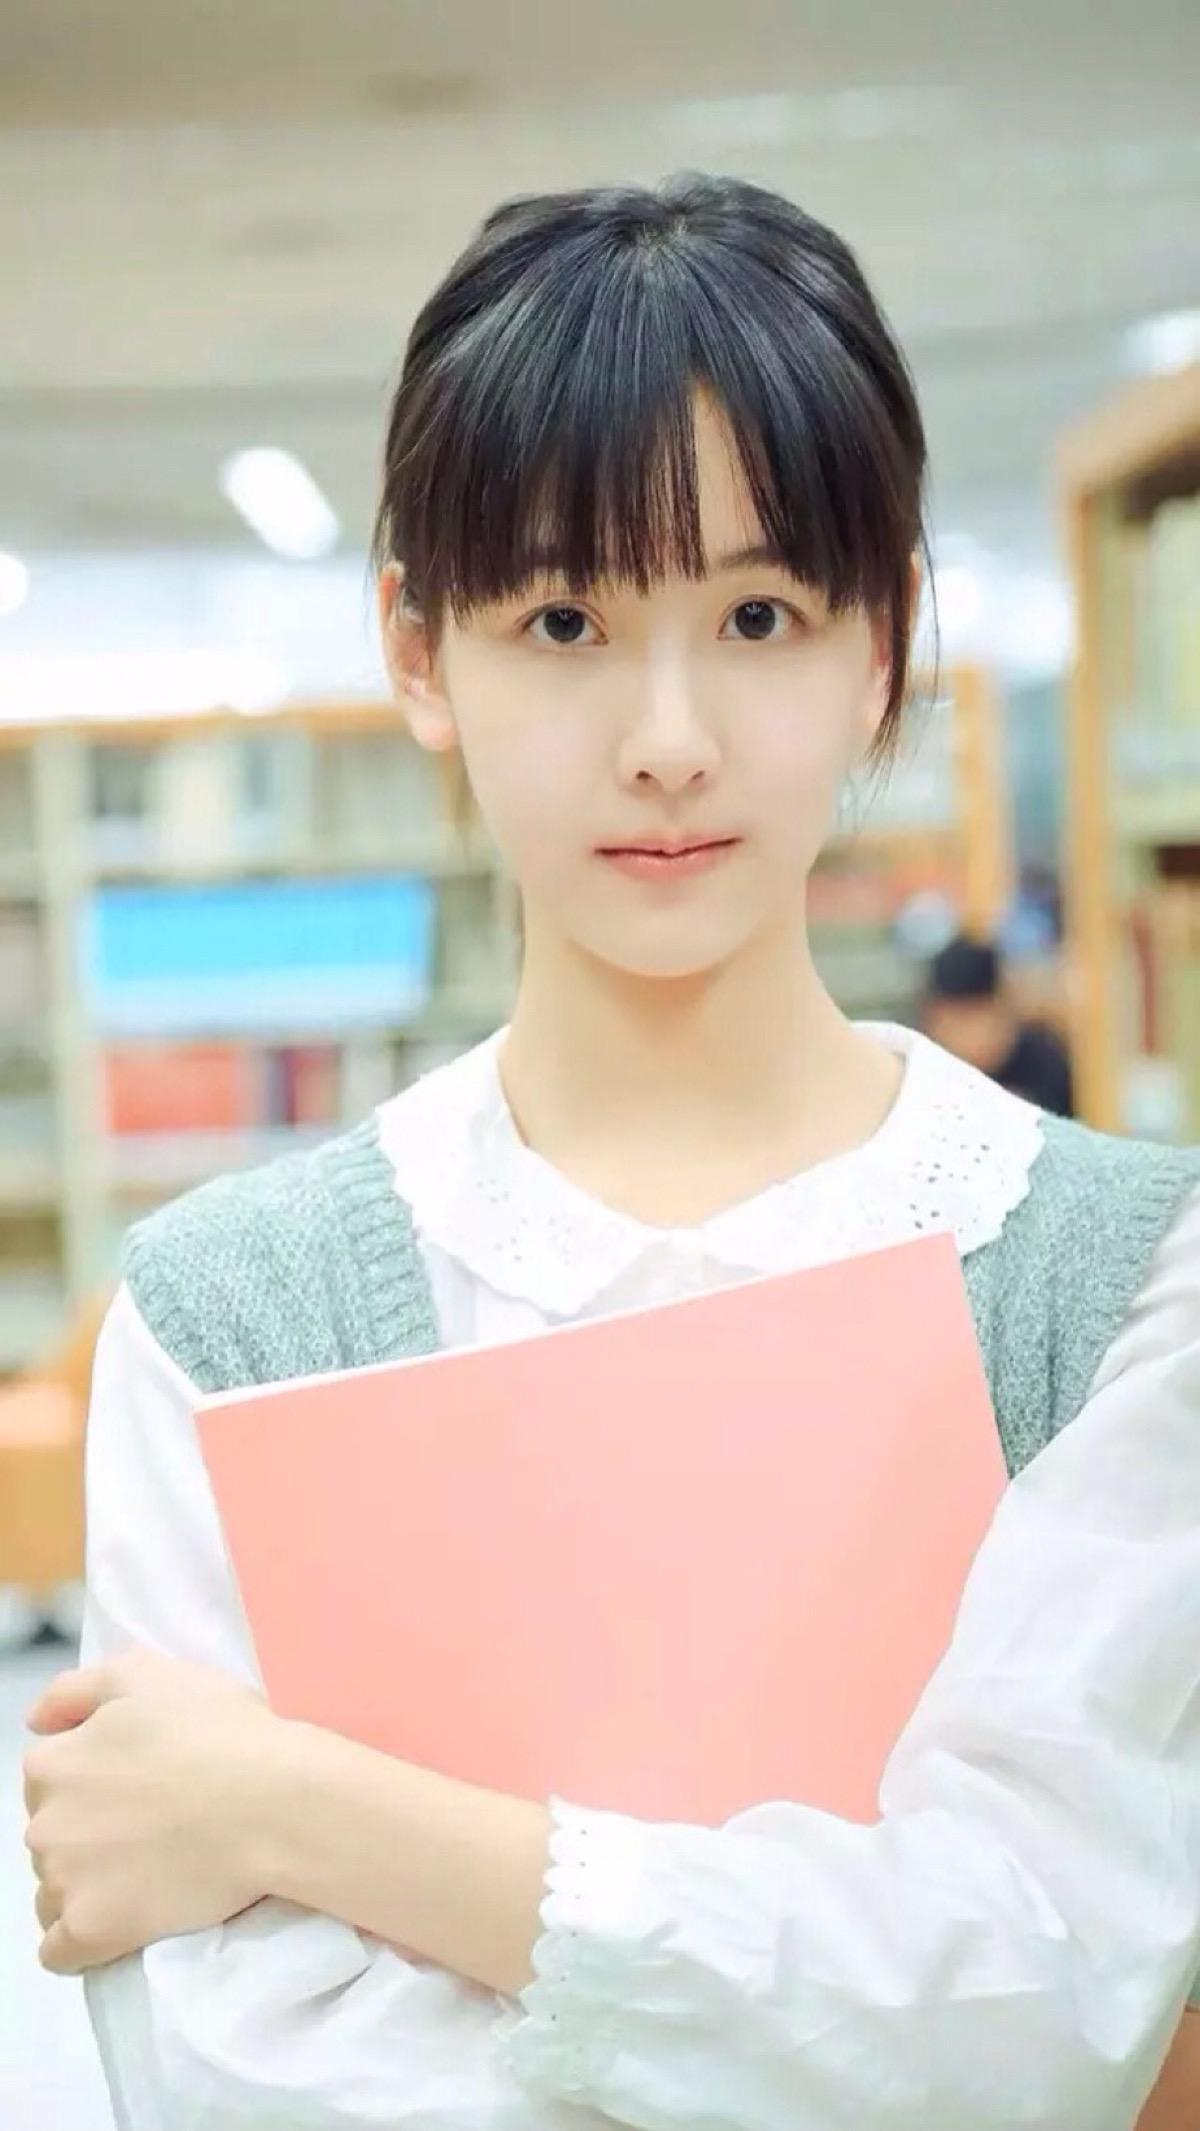 章泽天和陈都灵非常相似,都是高颜值好气质的妹纸,傻傻的分不清